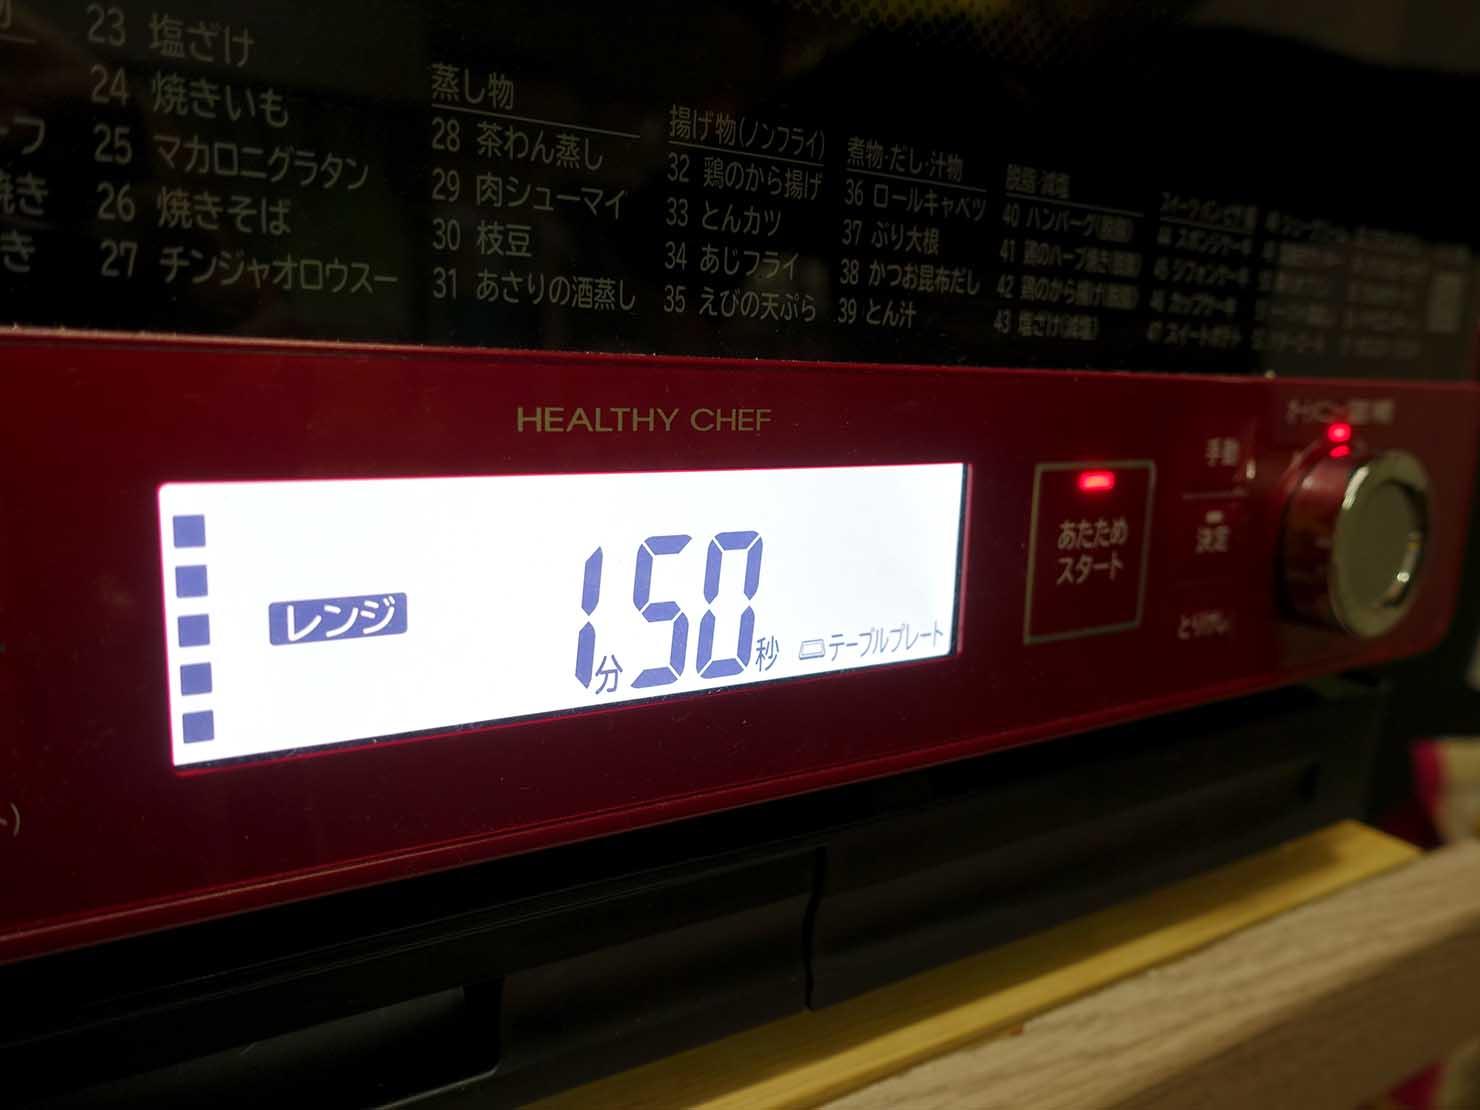 台北101エリアでのおみやげ探しにおすすめのショップ「好丘 Good Cho's」で買ったおみやげ・cornmeleon有梗爆米花をレンジでチン